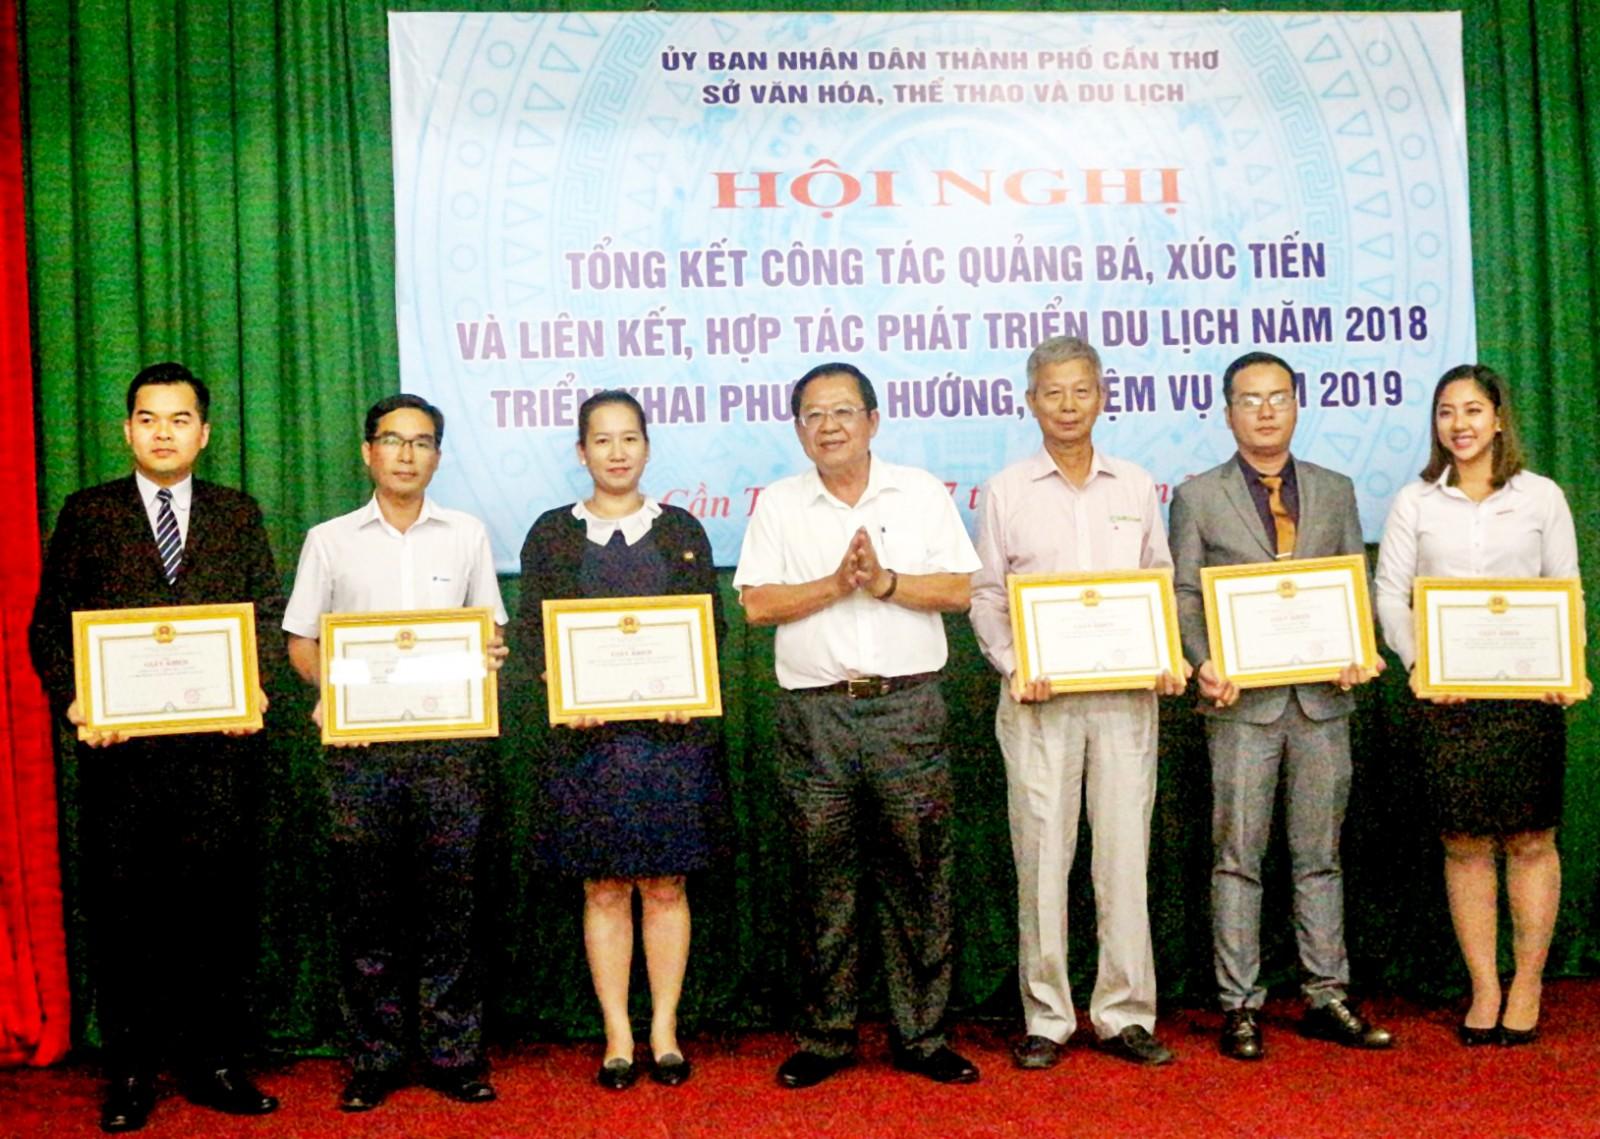 Ông Trần Việt Phường, Giám đốc Sở VHTT & DL Cần Thơ trao giấy khen cho đại diện 6  tập thể có nhiều đóng góp cho du lịch Cần Thơ năm 2018. Ảnh: ÁI LAM